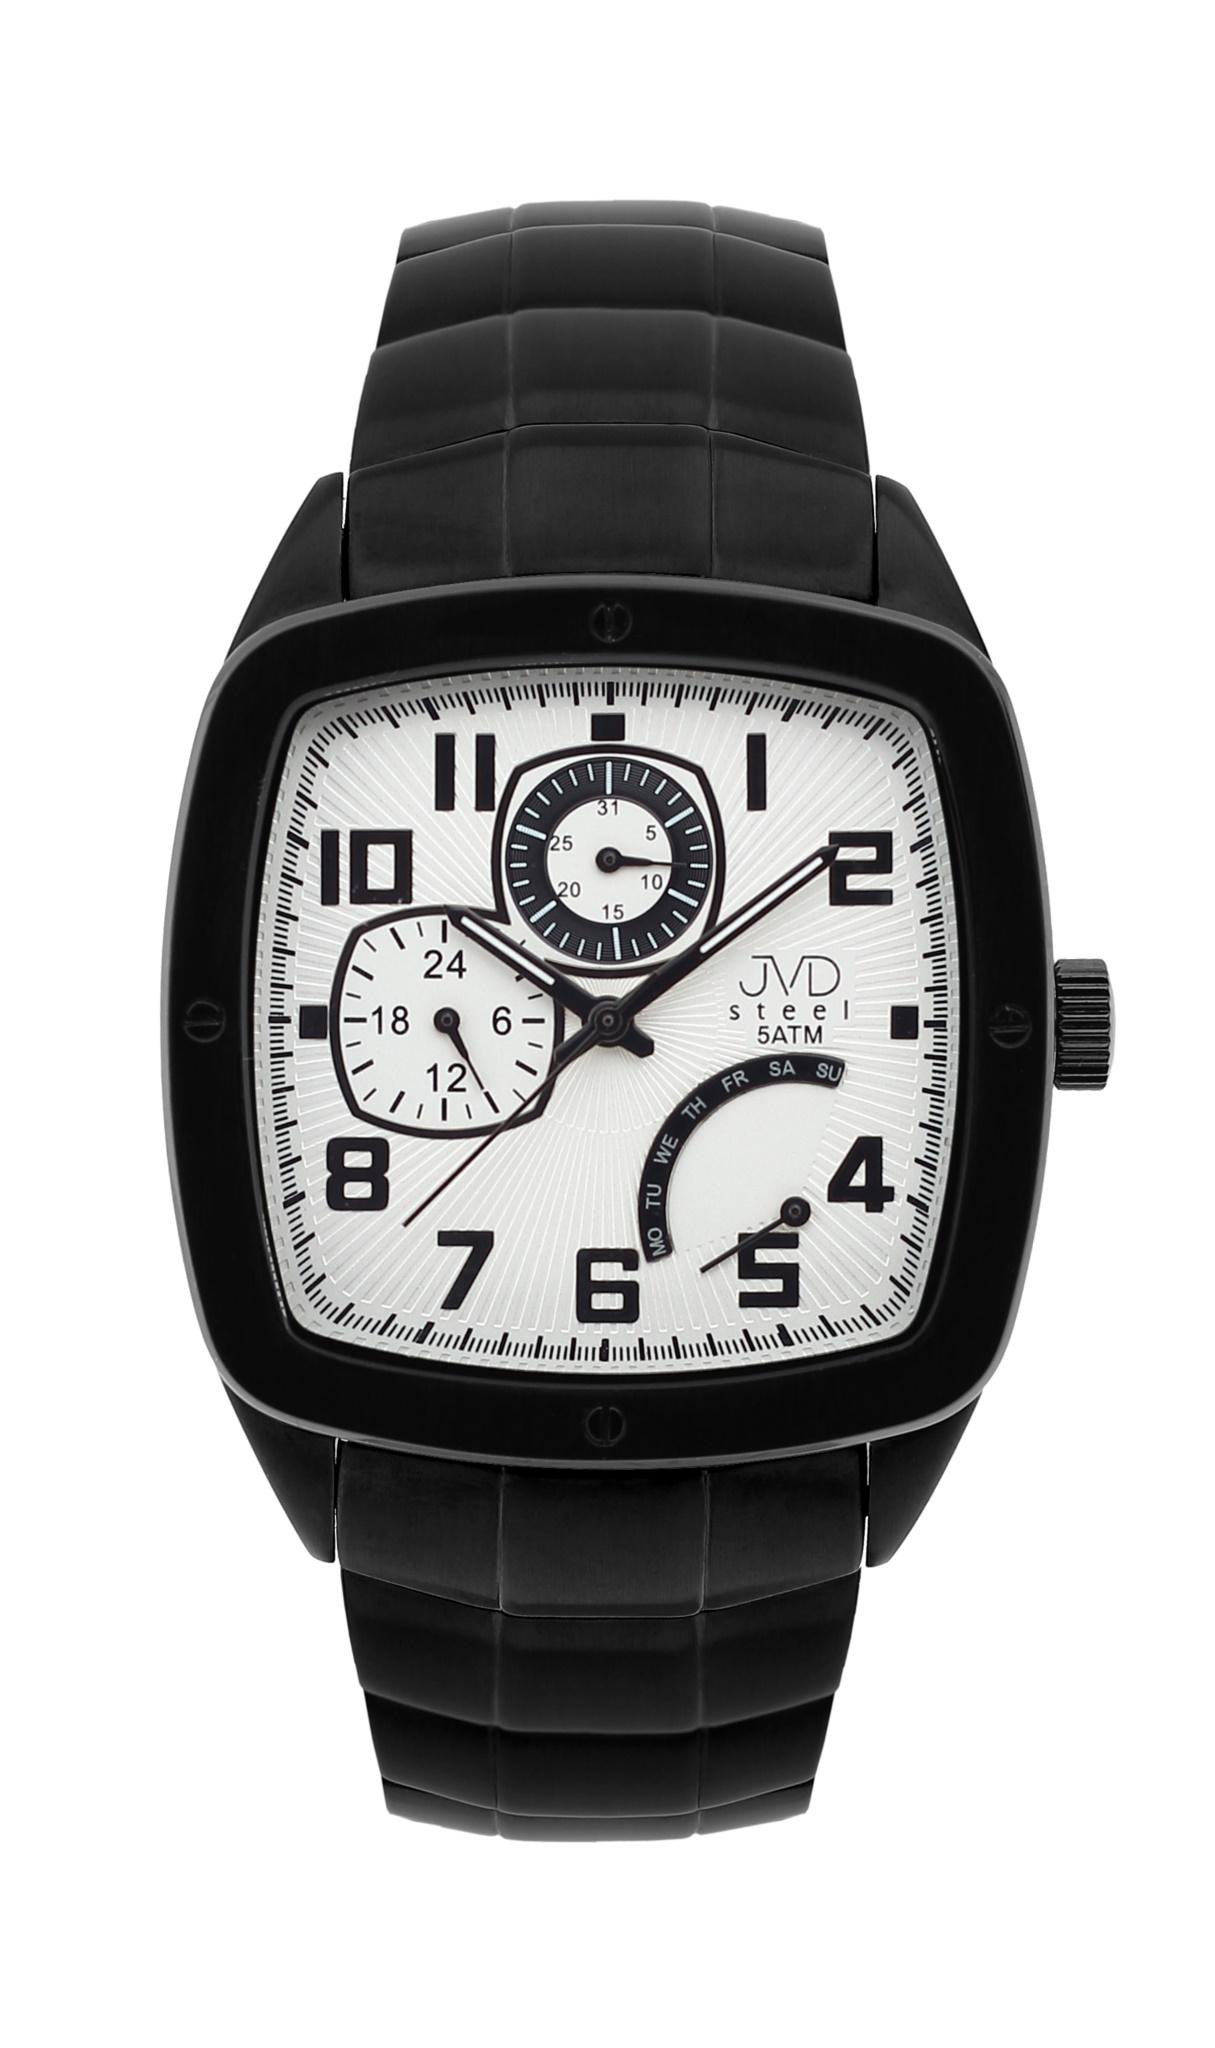 Pánské vodoodolené hranaté exkluzivní náramkové hodinky J1021.2 - 5ATM (POŠTOVNÉ ZDARMA!!)